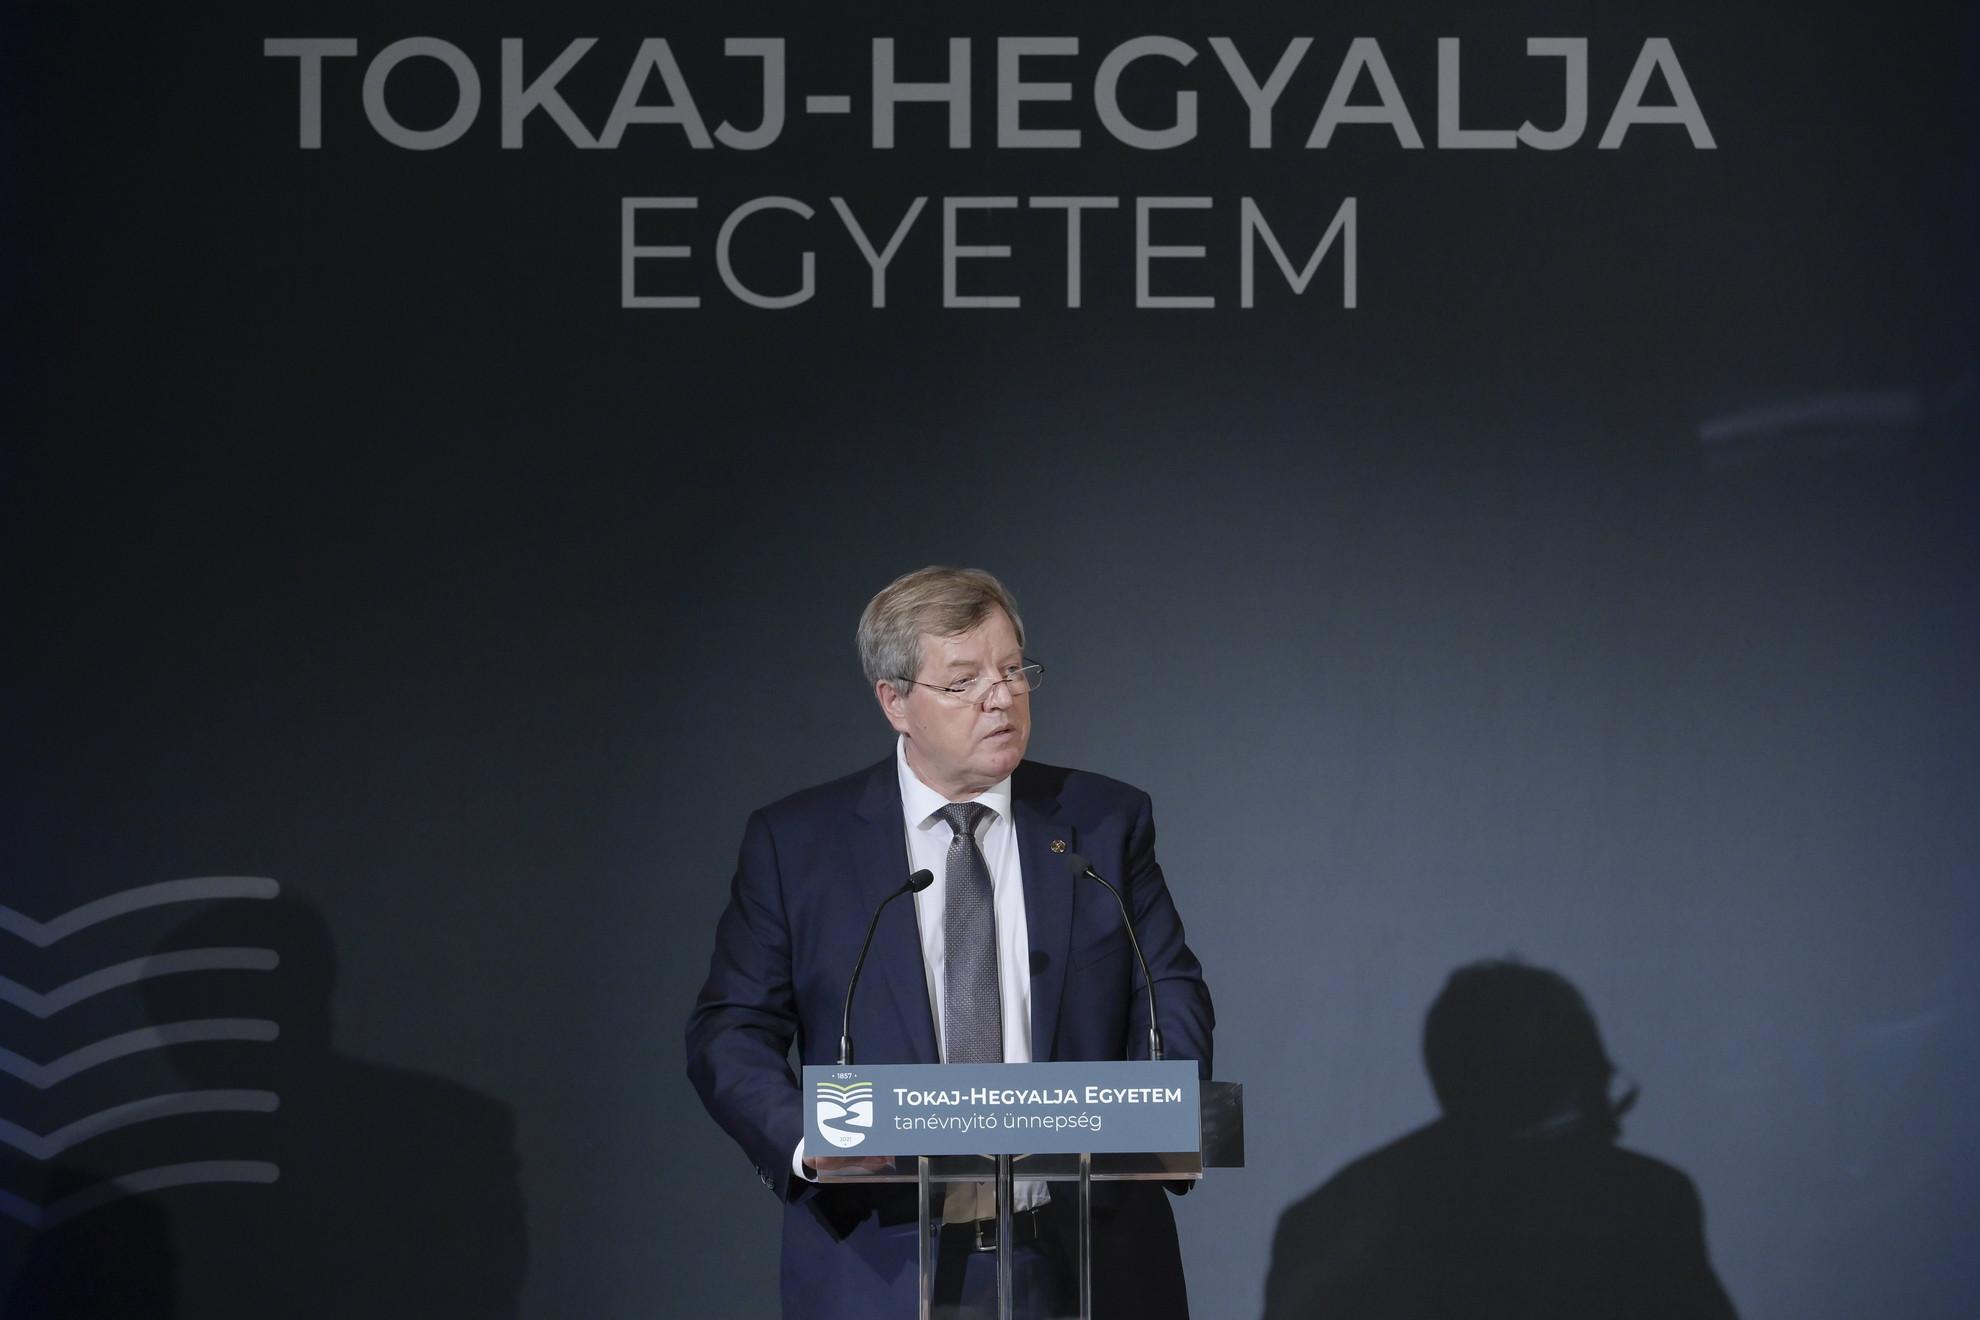 Stumpf István felsőoktatási modellváltás koordinálásáért felelős kormánybiztos, az intézményt fenntartó Tokaj-Hegyalja Egyetemért Alapítvány kuratóriumának elnöke beszédet mond a Tokaj-Hegyalja Egyetem tanévnyitó ünnepségén